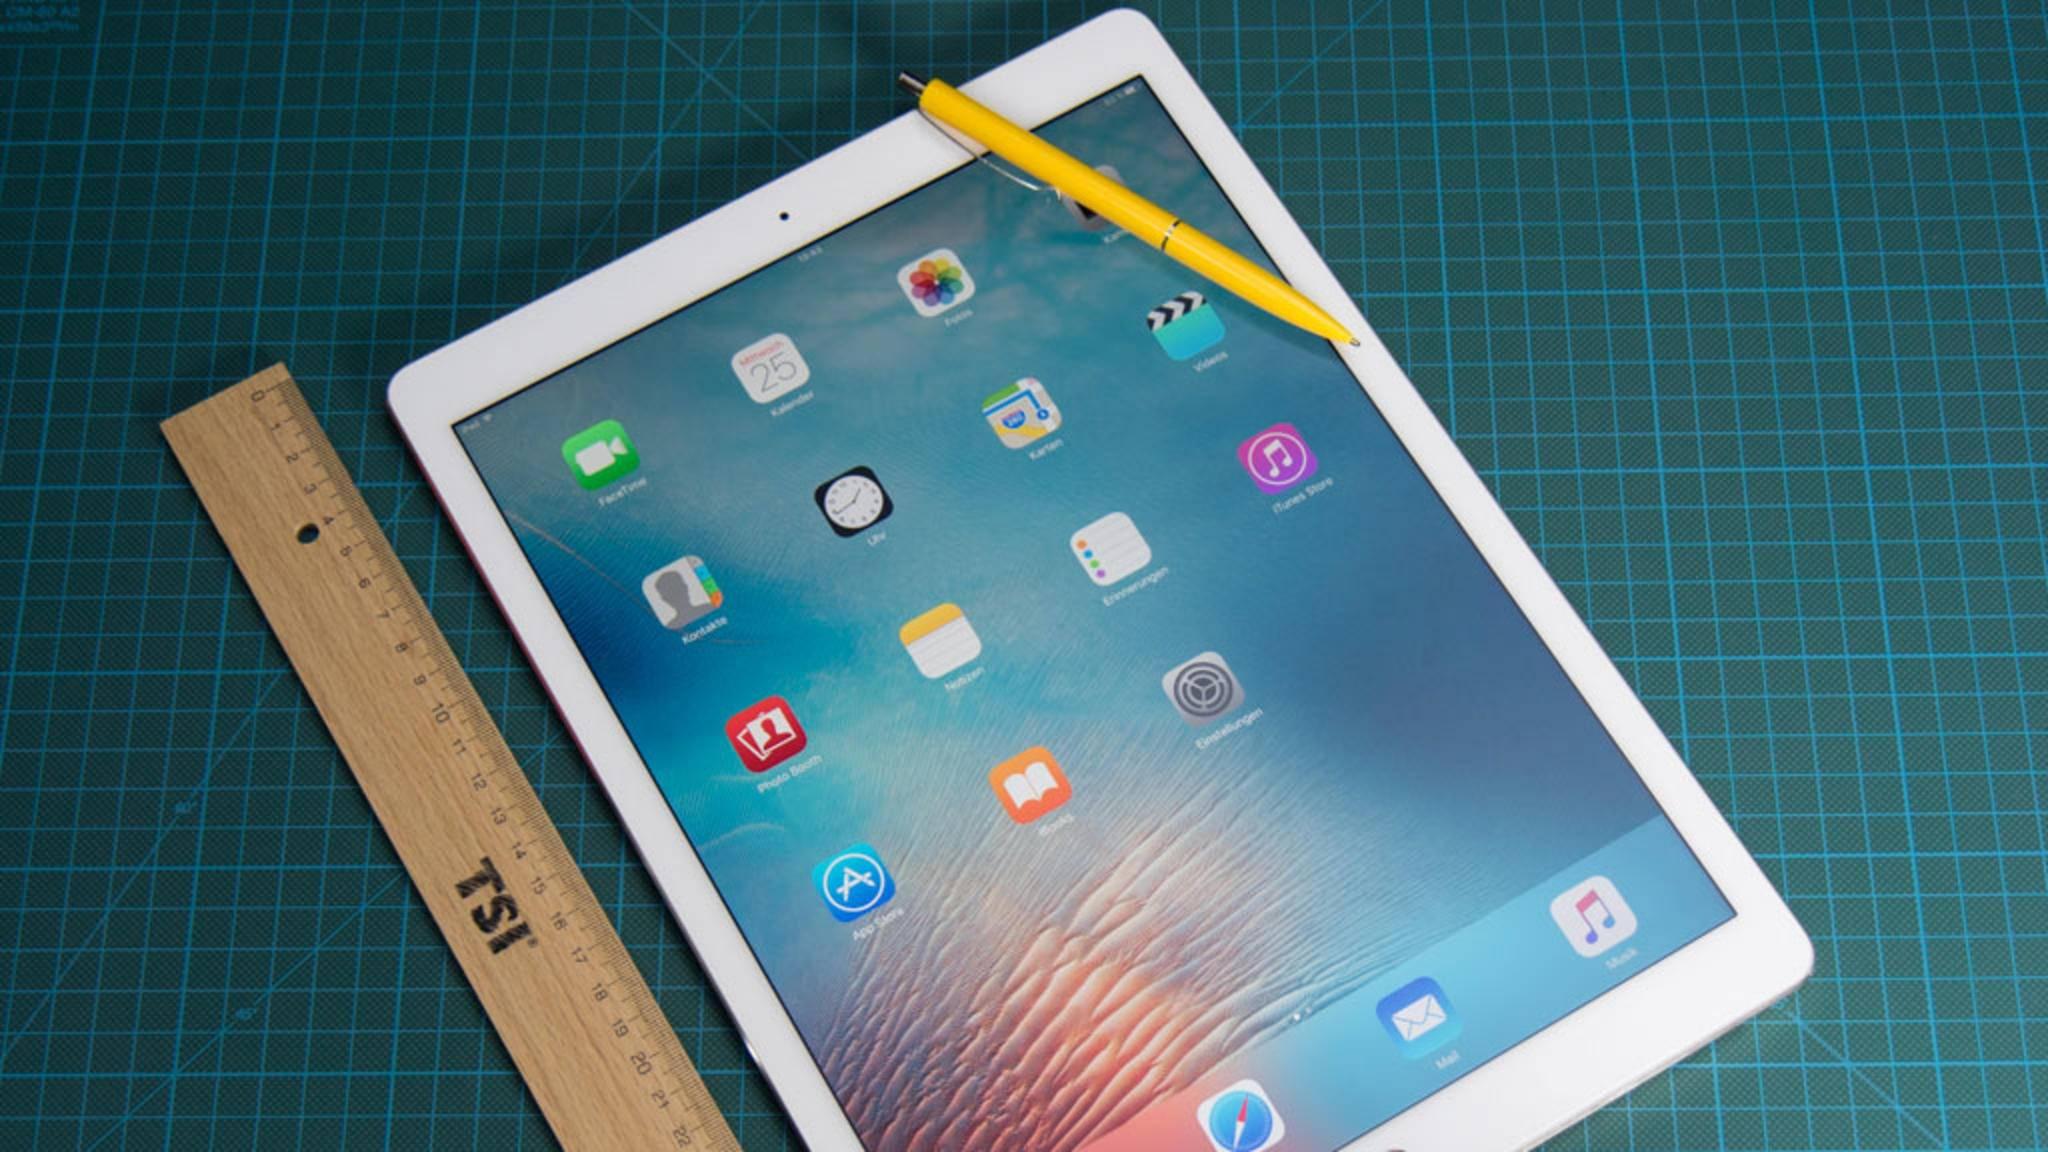 Das iPad Pro 9.7 von 2015 ist das kleinste Profi-Tablet von Apple.